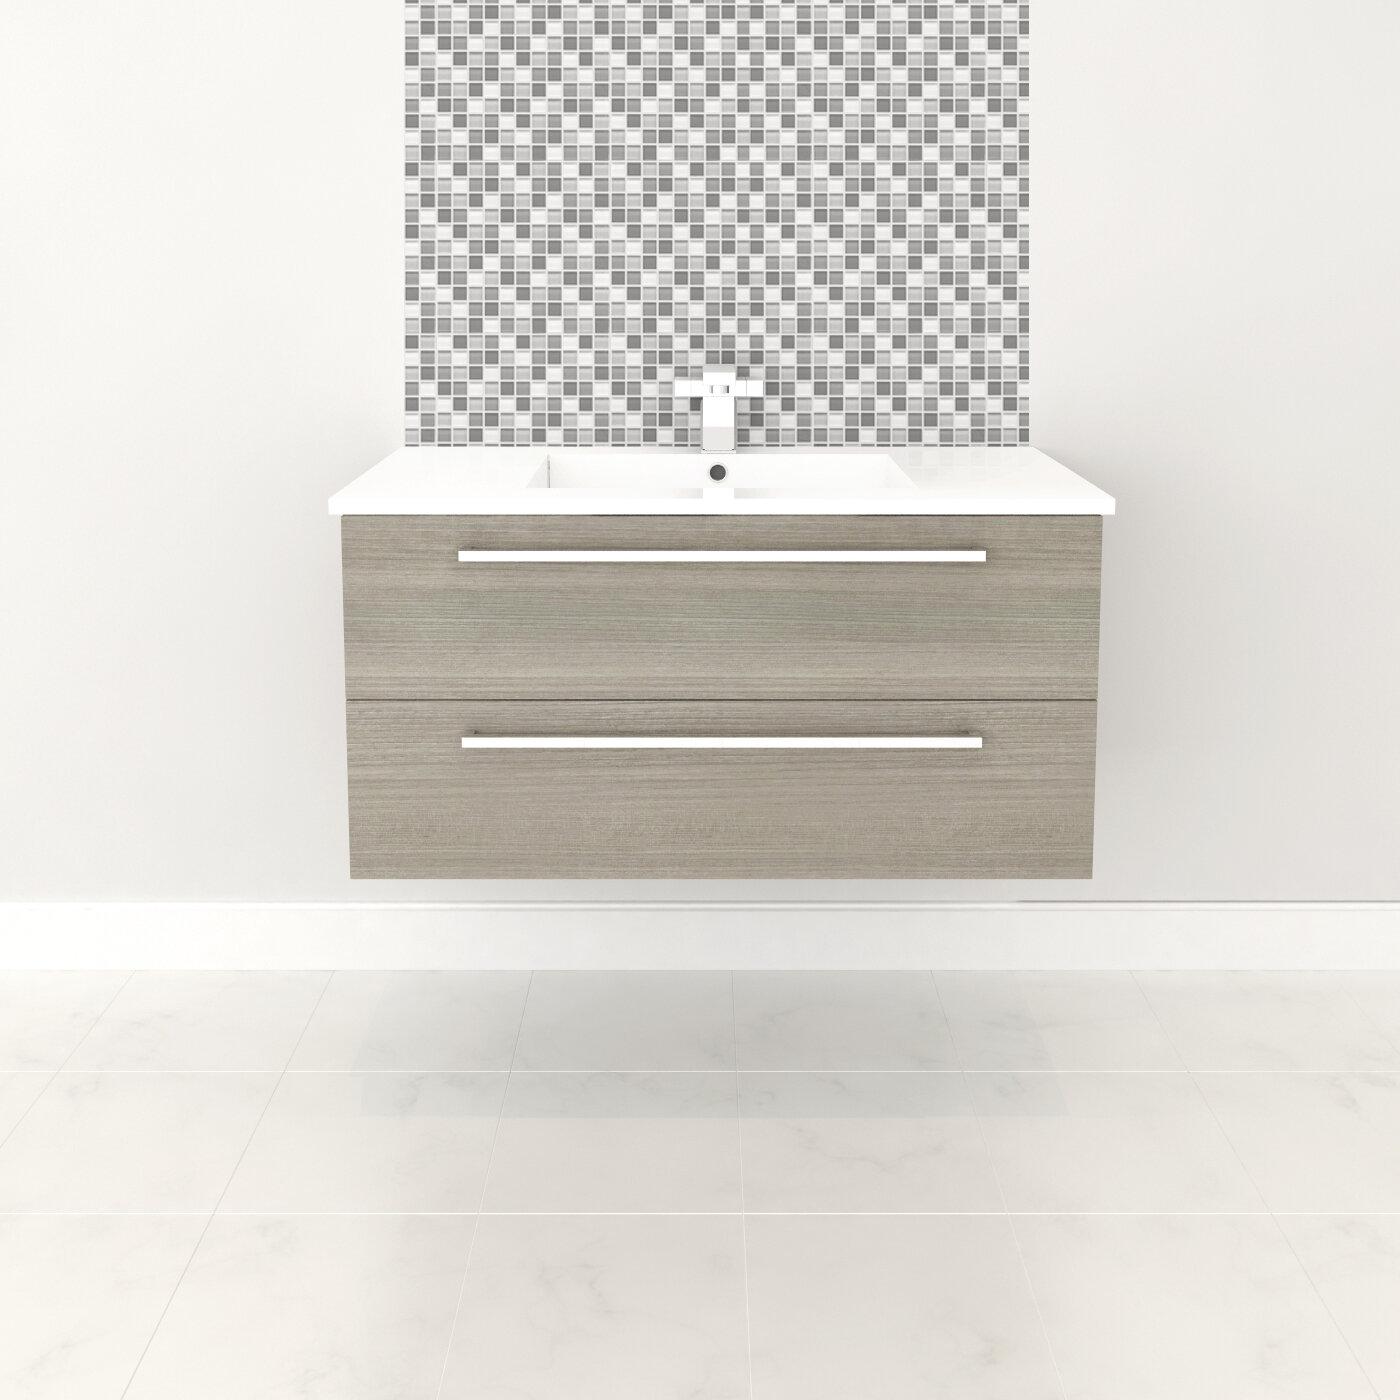 Orren Ellis Mcpeak 36 Wall Mounted Single Bathroom Vanity Set Reviews Wayfair